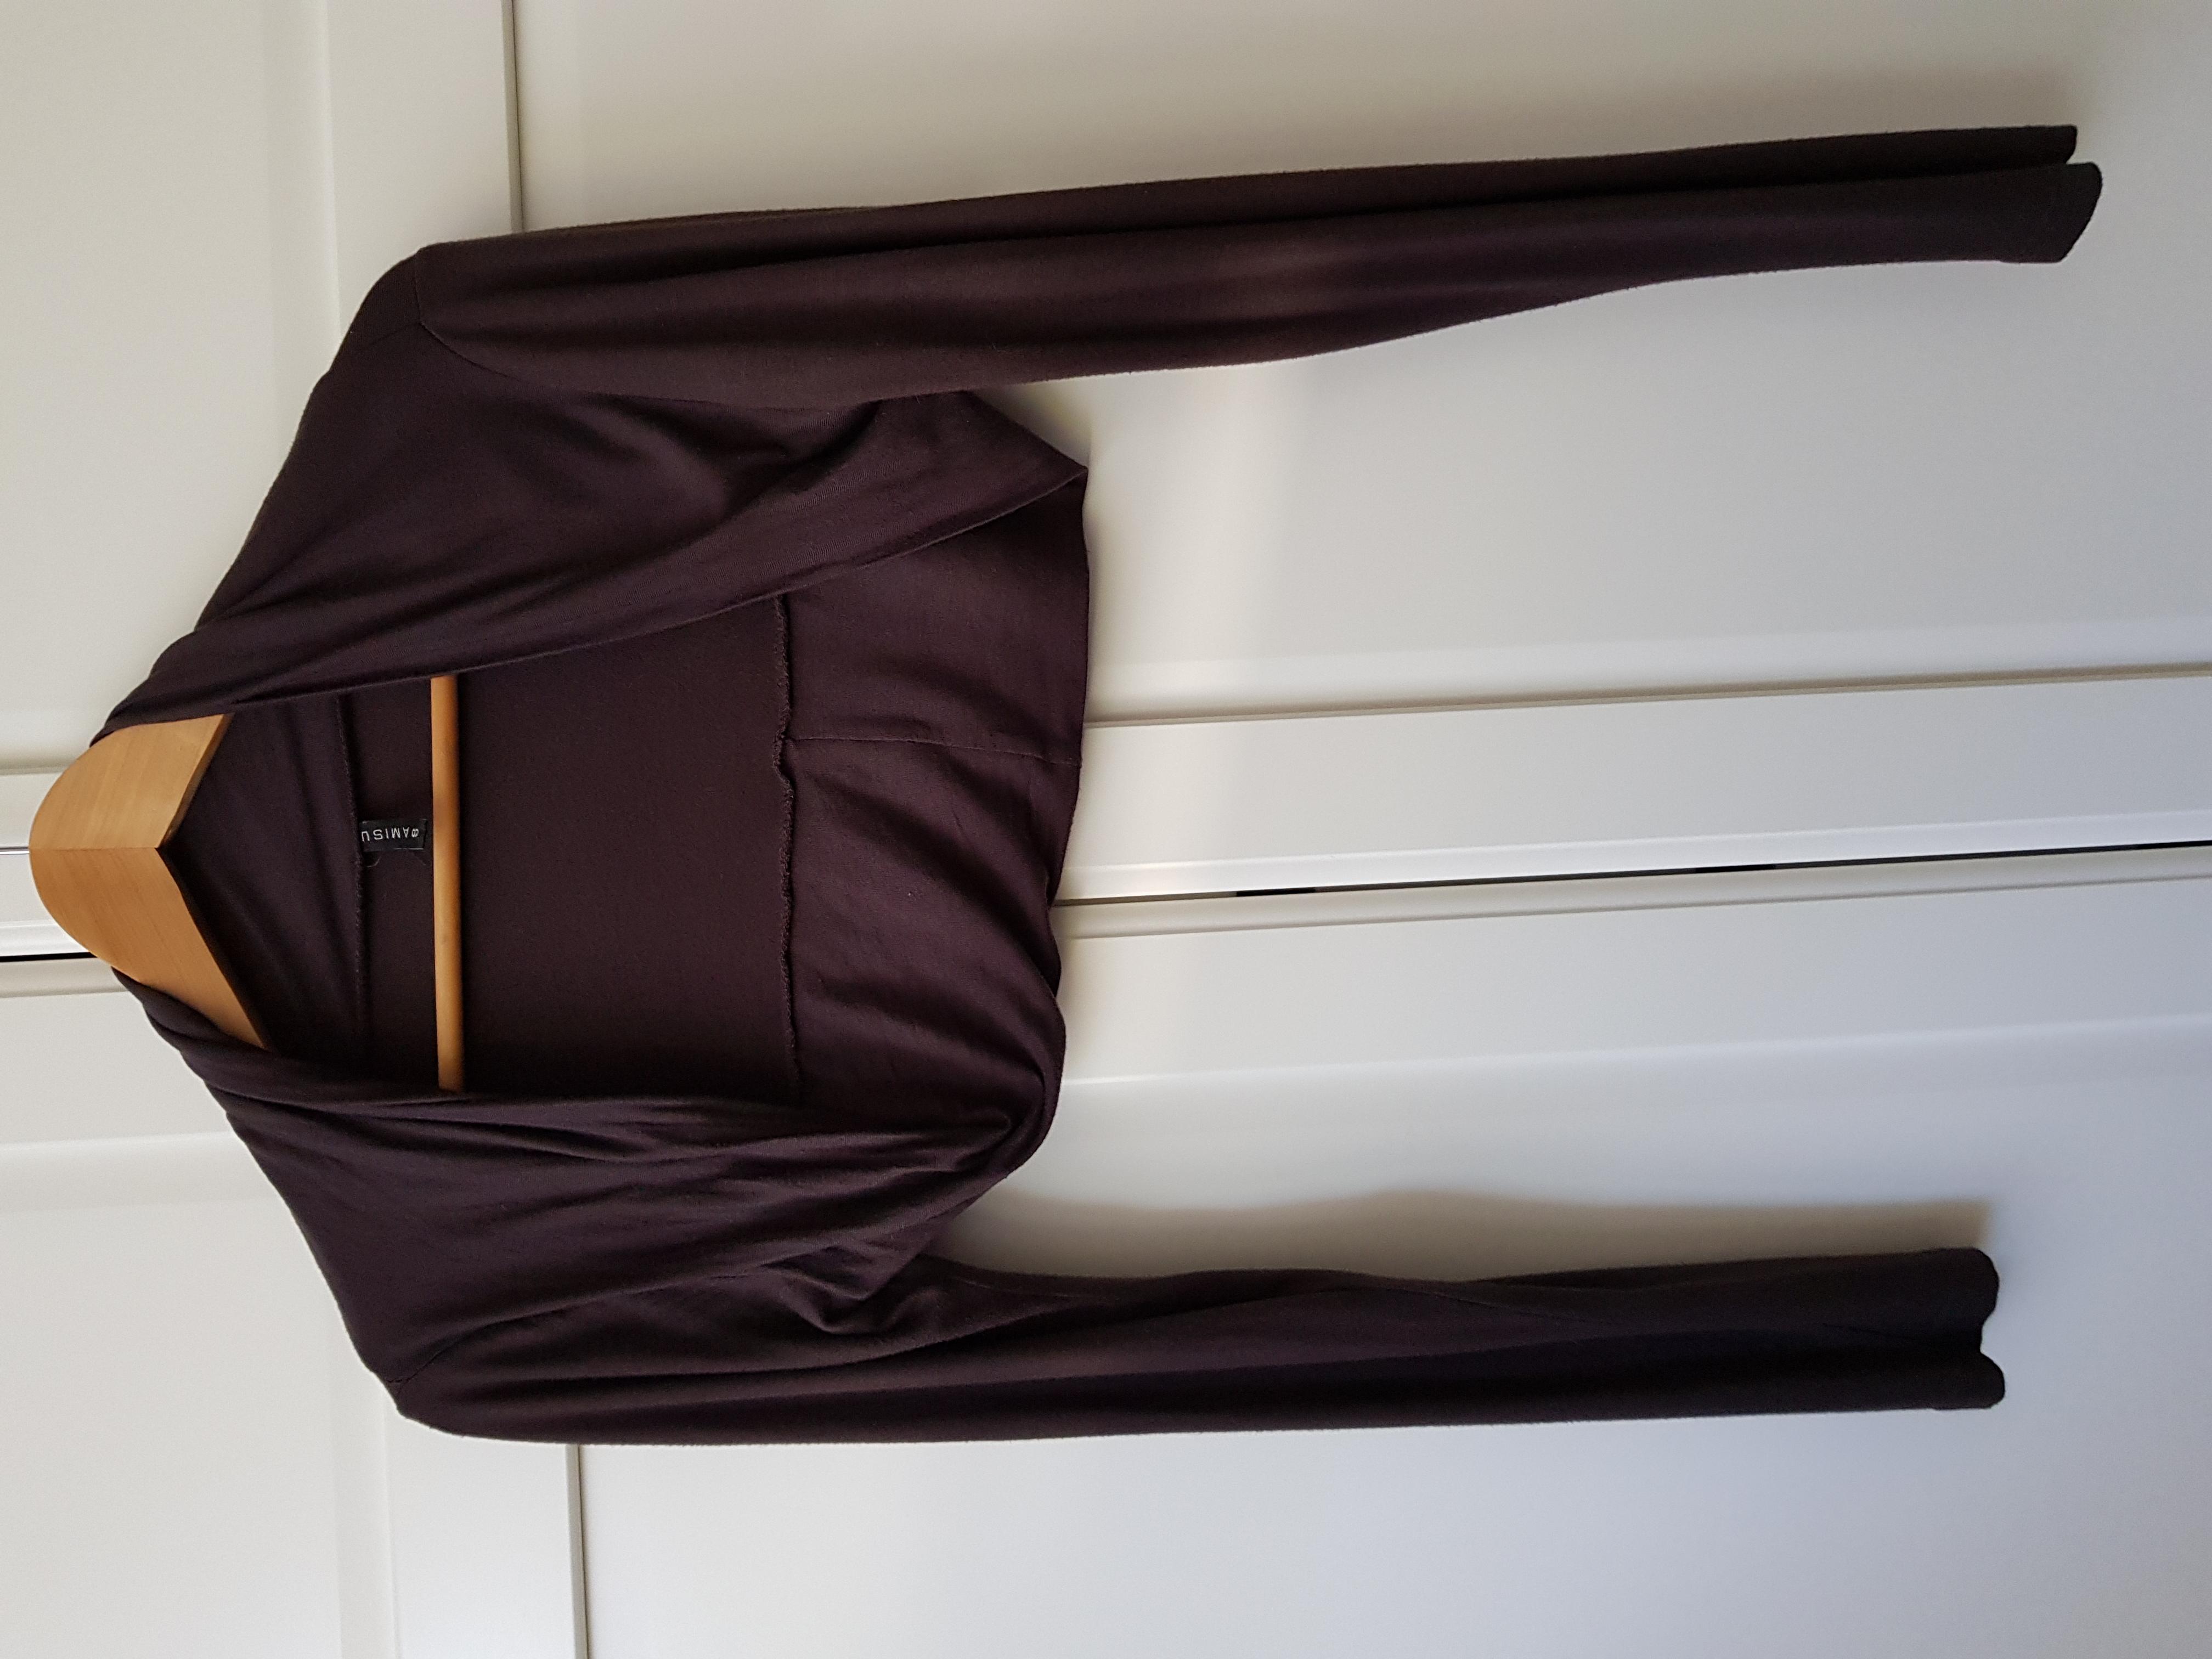 Jersey Bolero braun Gr. 36/38 tauschen